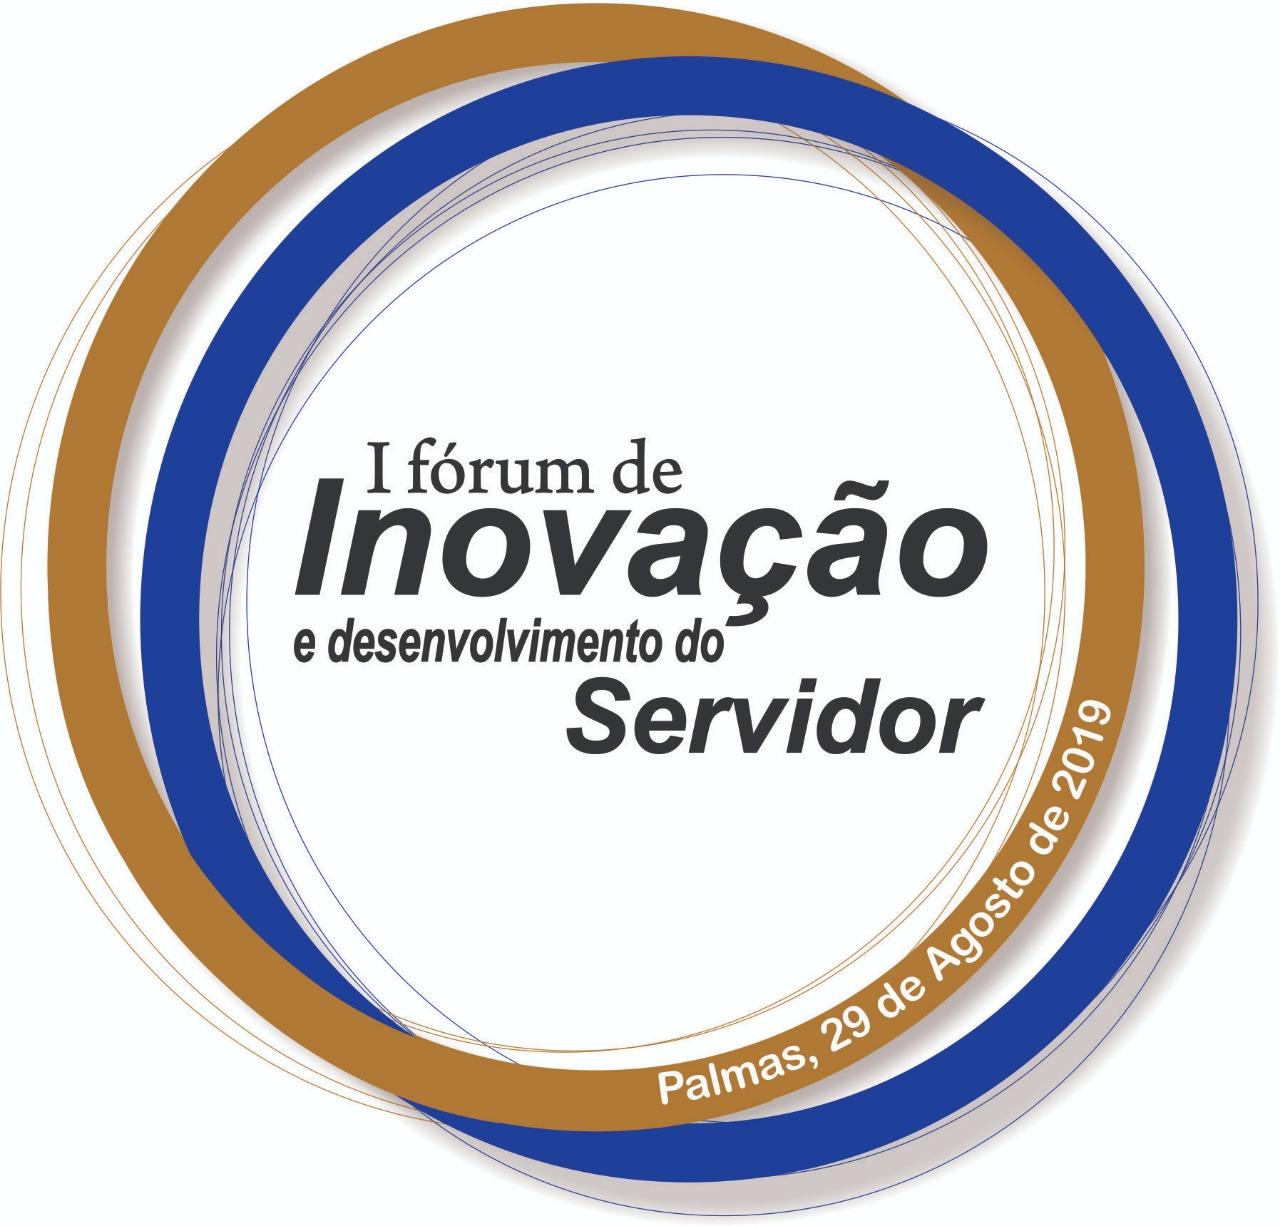 I Fórum de Inovação